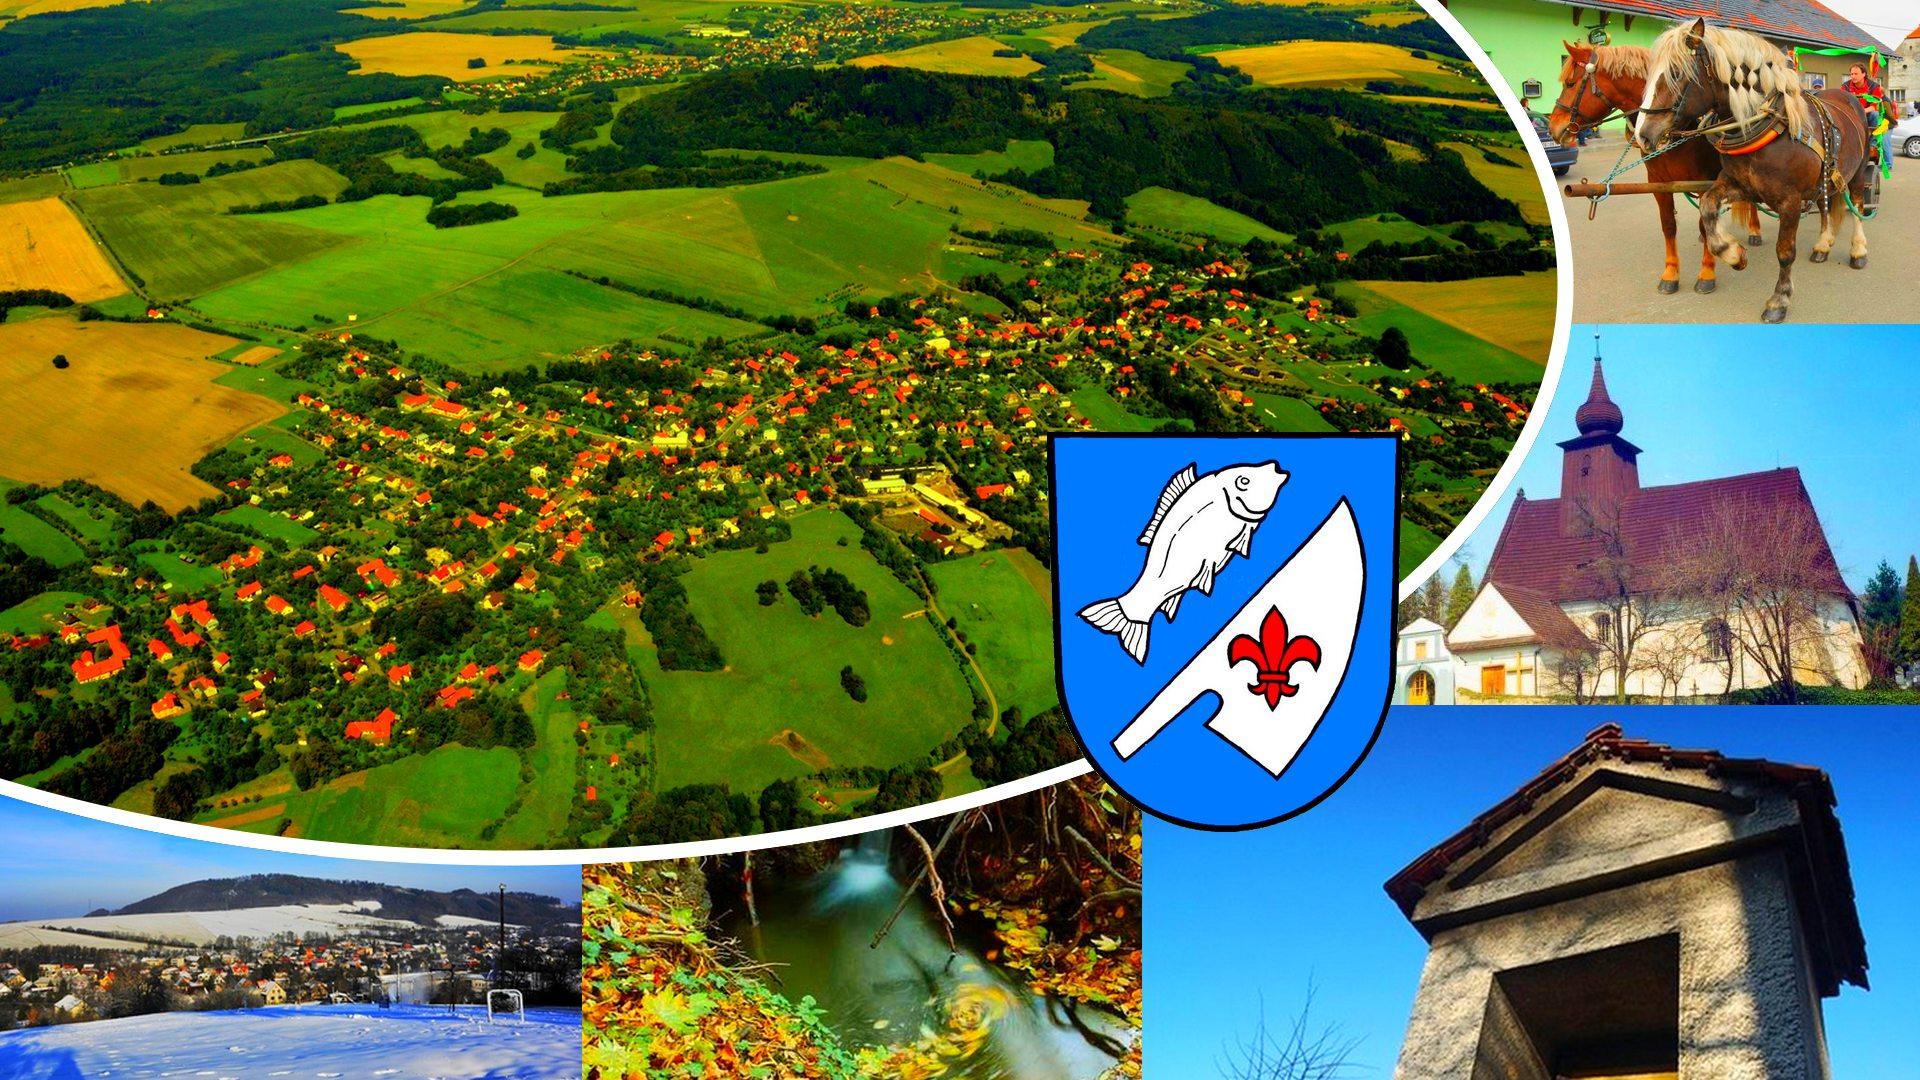 Obec Rybí - Pohlednice obce Rybí